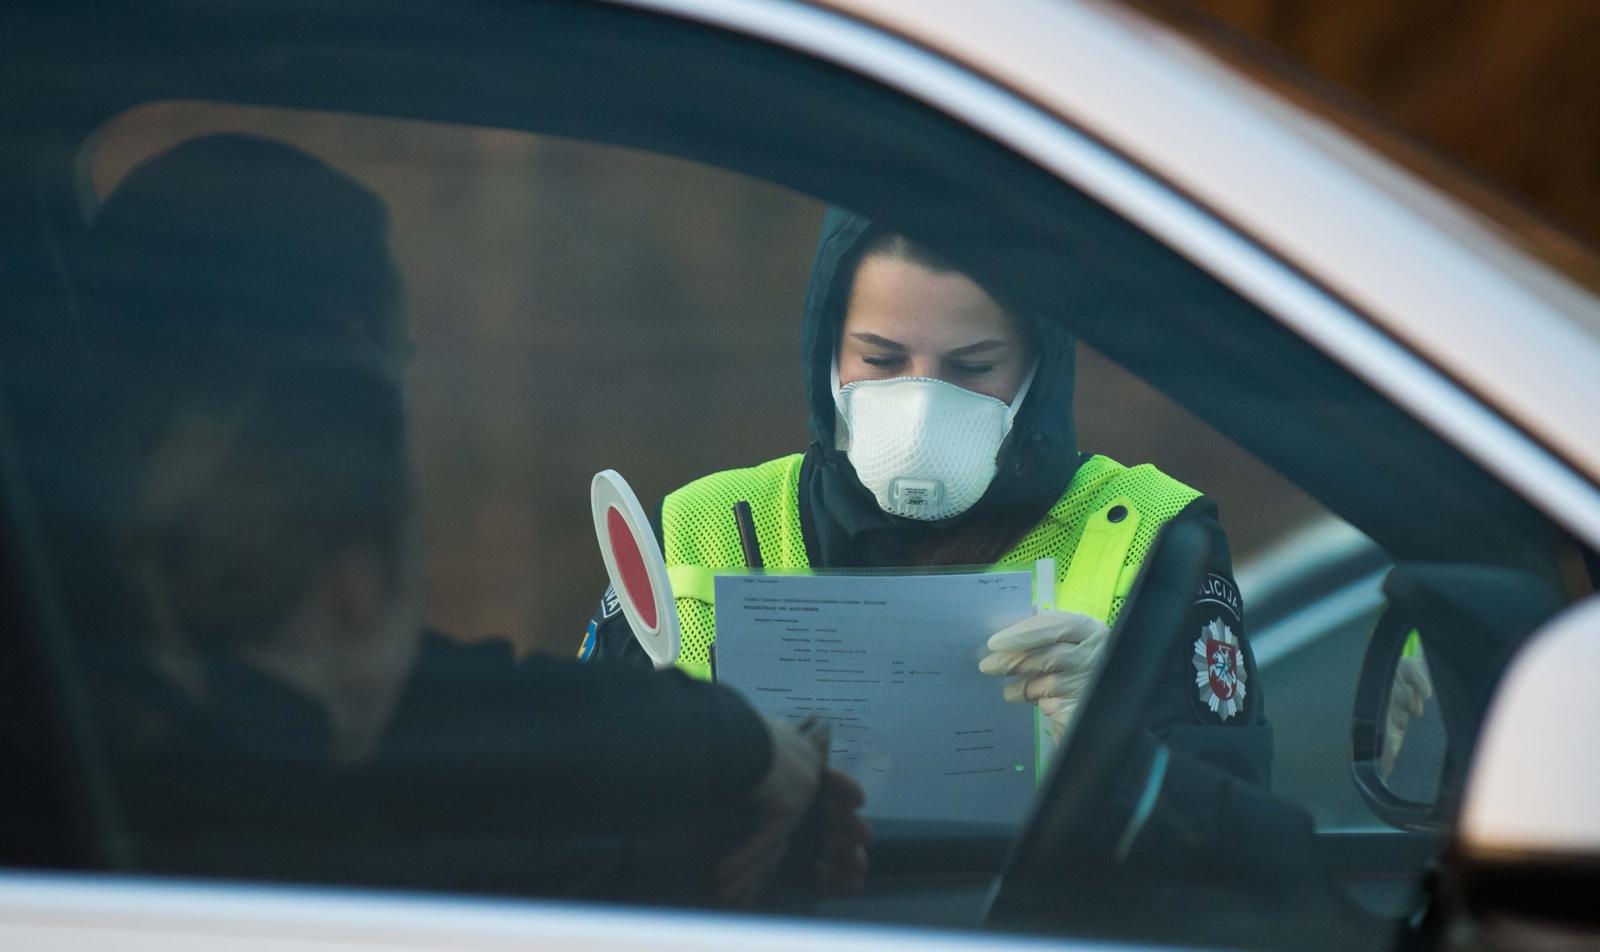 Utenos apskrities keliuose pareigūnai nustatė 124 pažeidimus